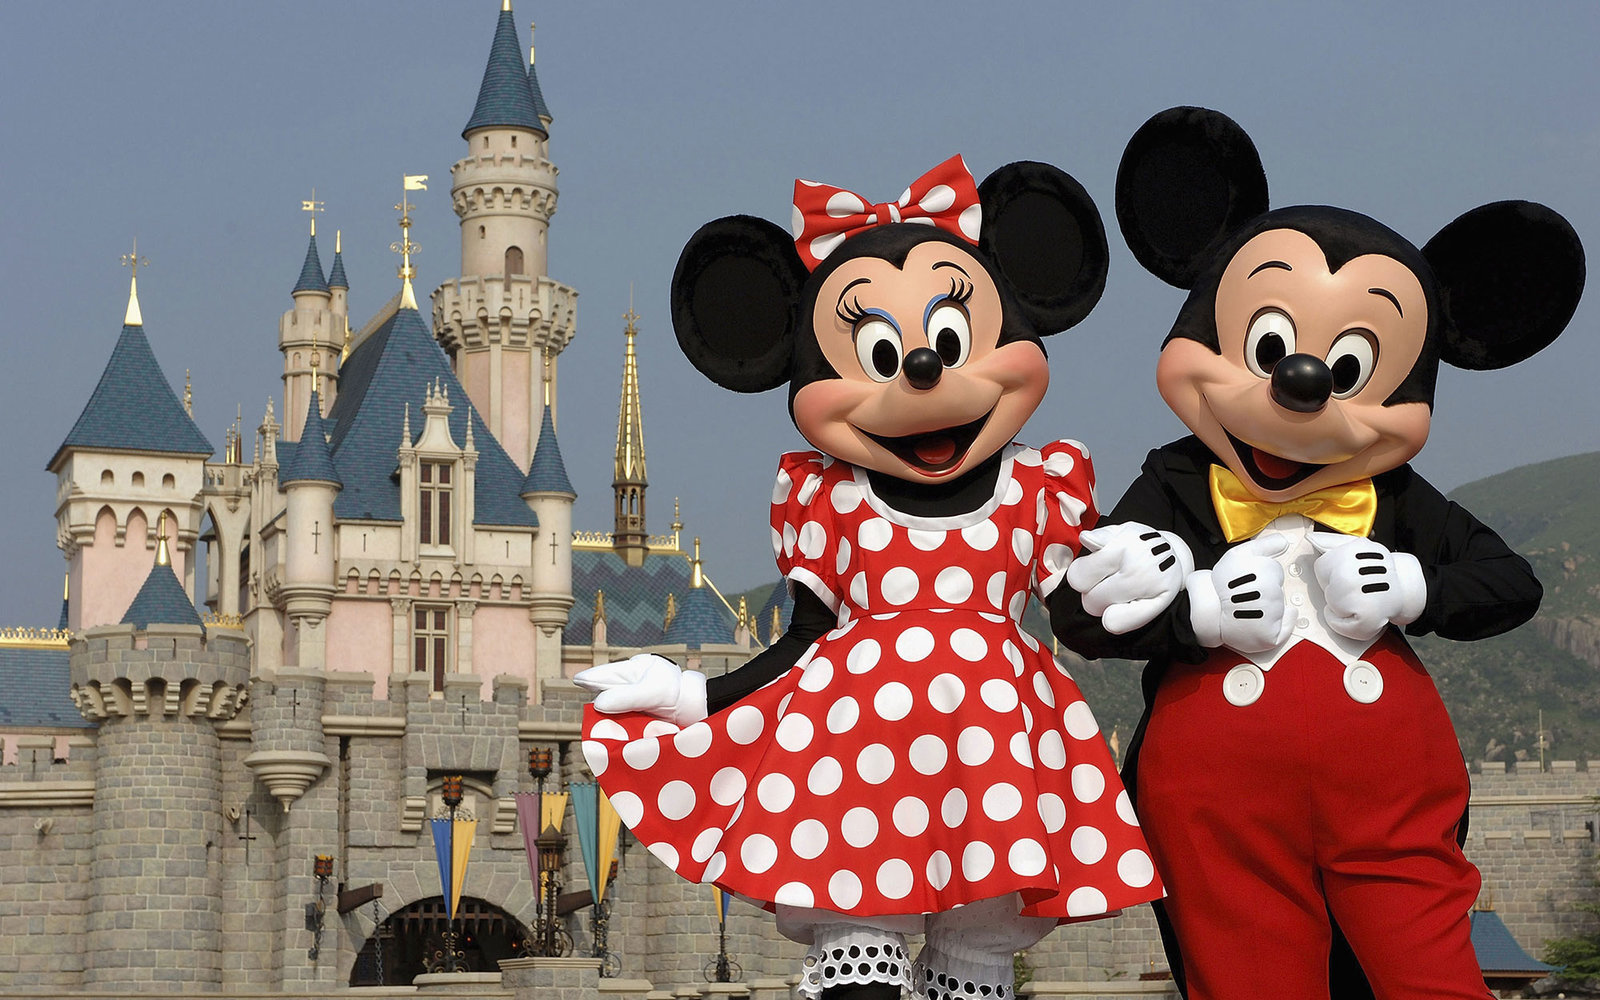 Castle mouse